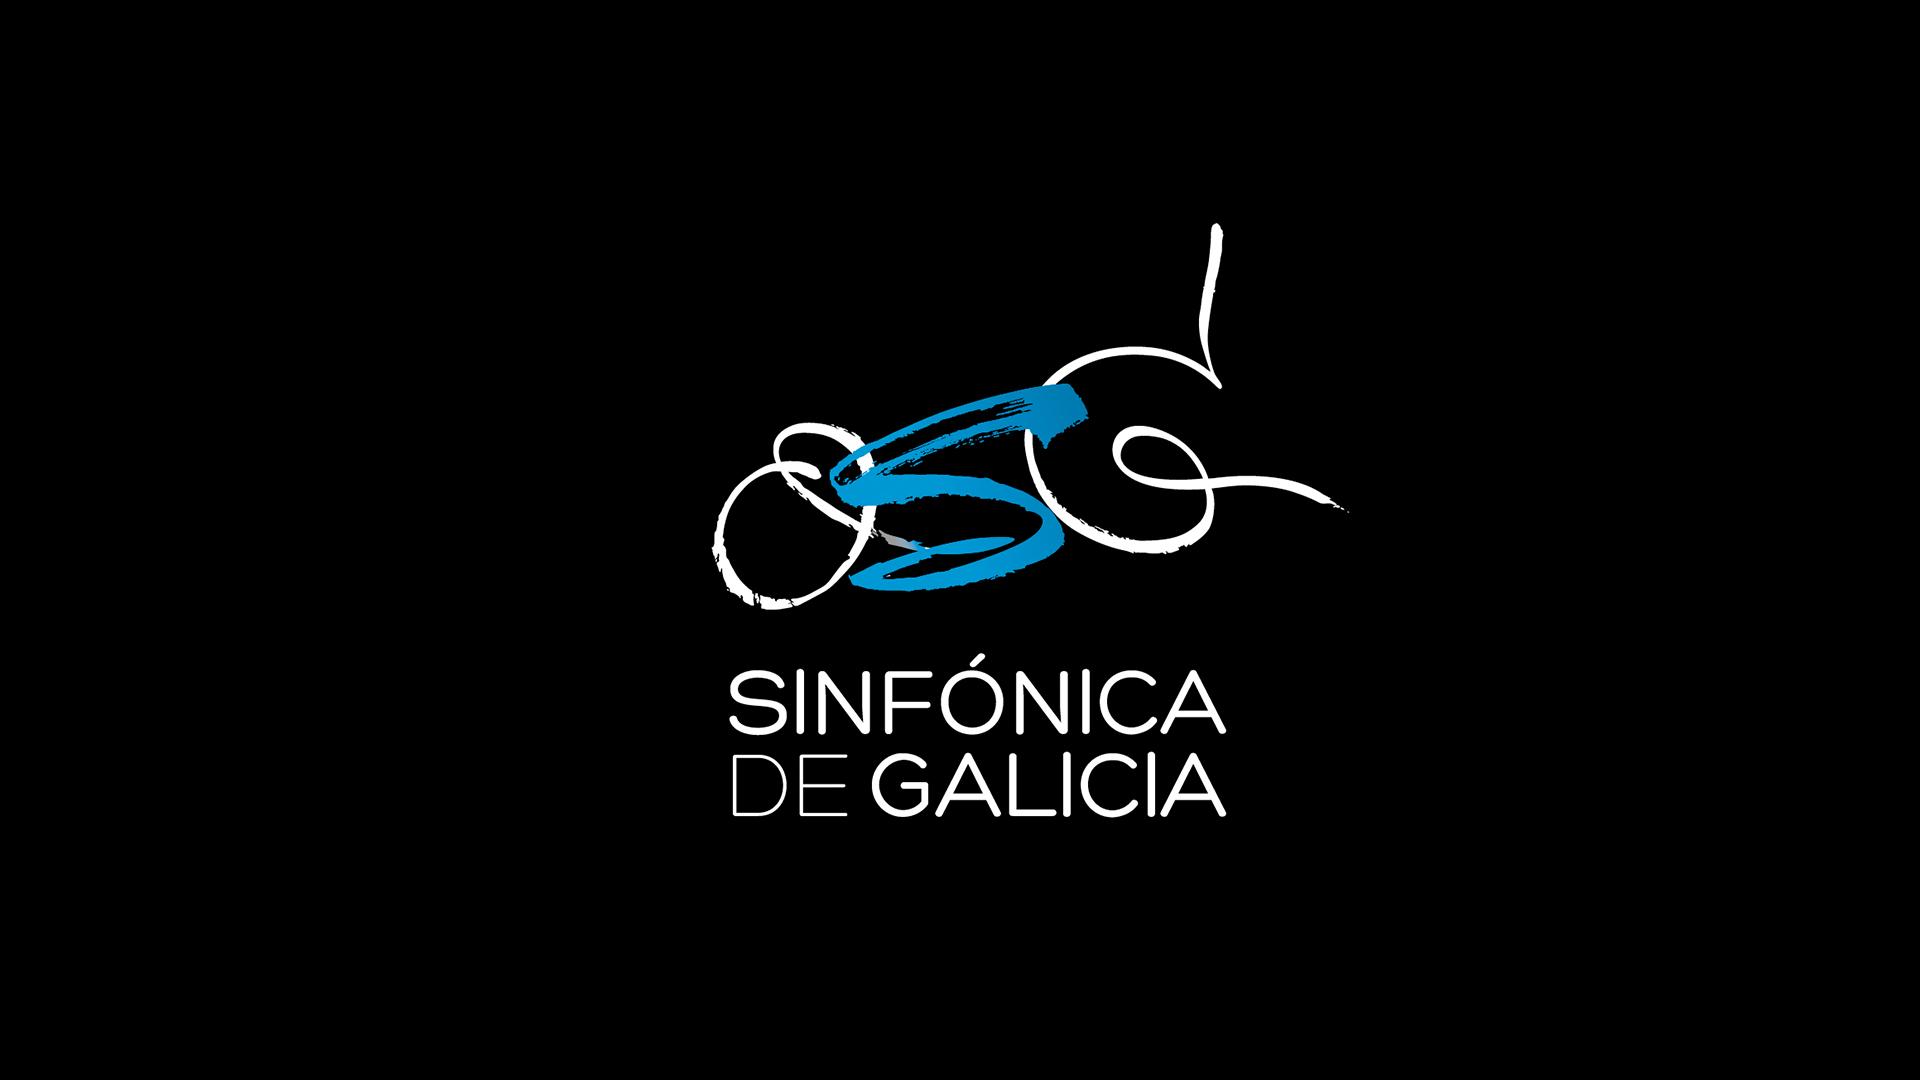 La Orquesta Joven de la Sinfónica de Galicia selecciona a sus nuevos integrantes para la temporada 2013-2014